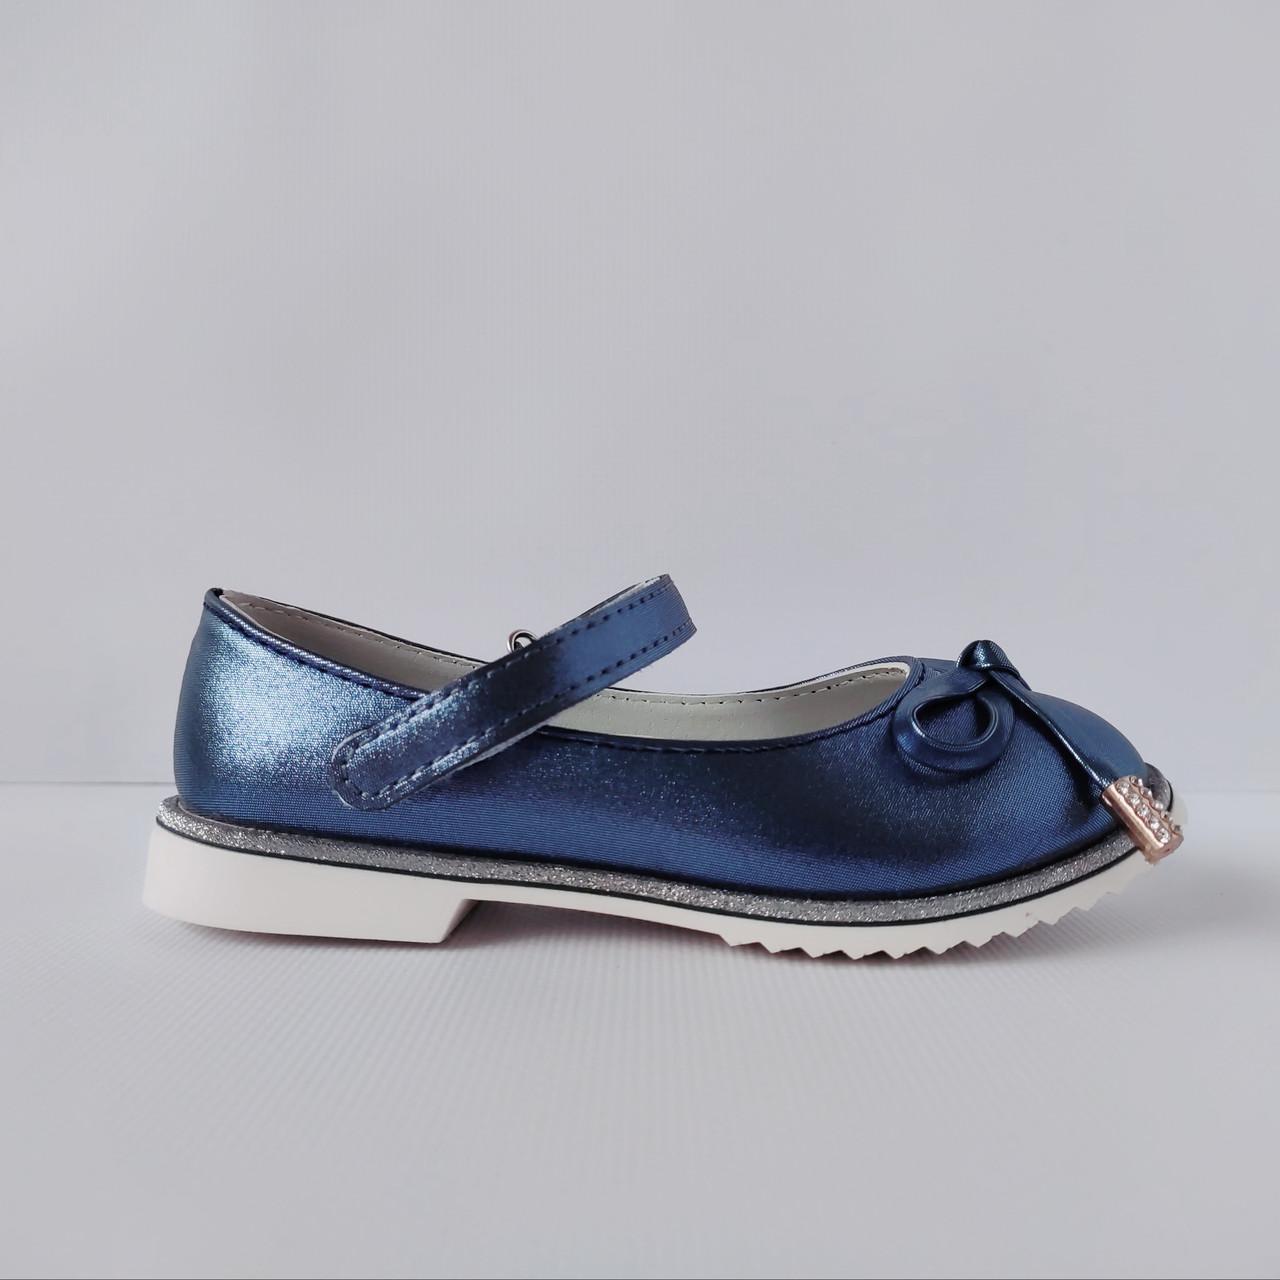 Нарядные синие туфли на каблучке девочкам, р. 26, 27, 28, 29, 30, 31 Праздничные, комфортные